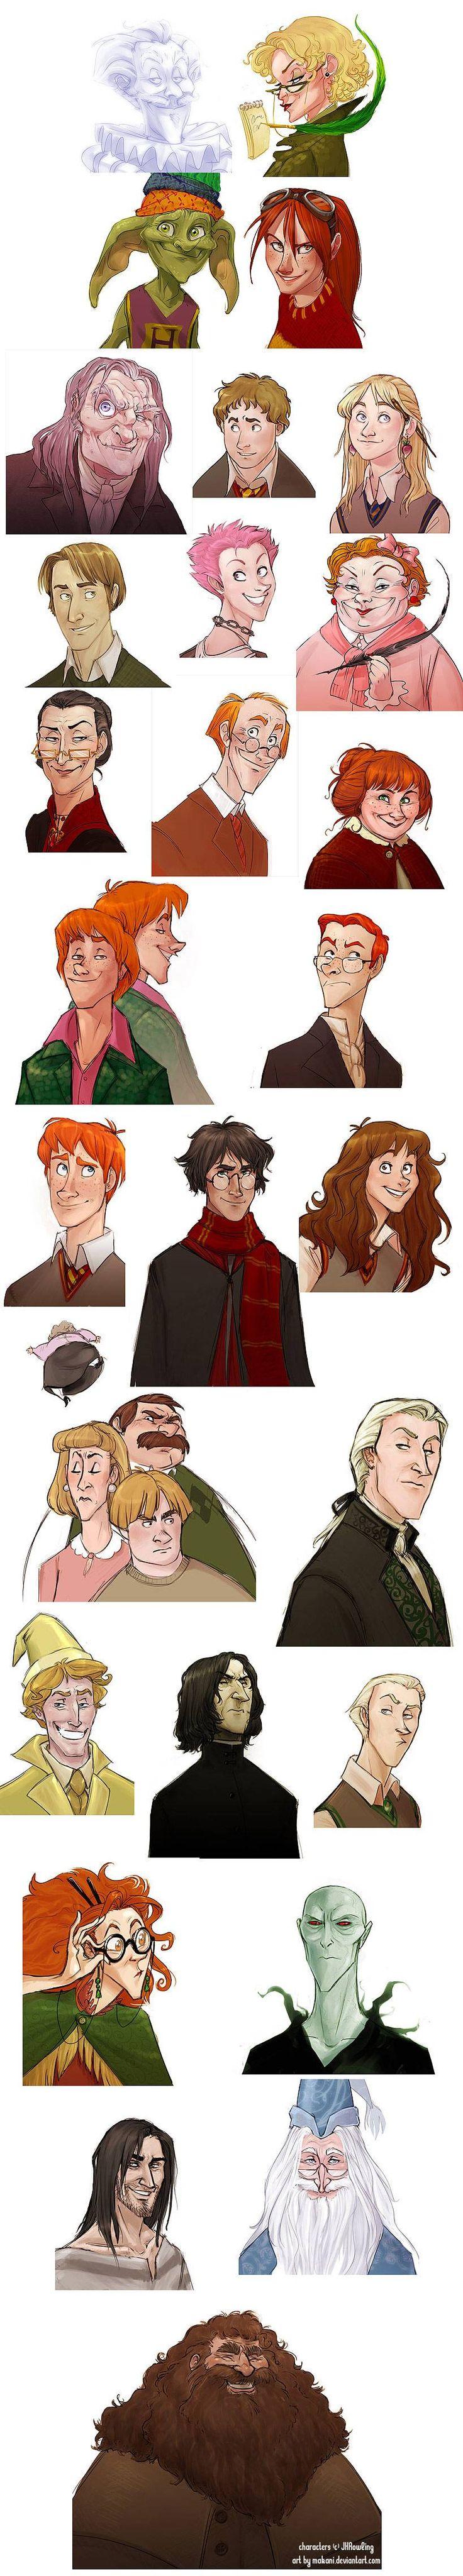 Harry Potter Fan Art (not mine)